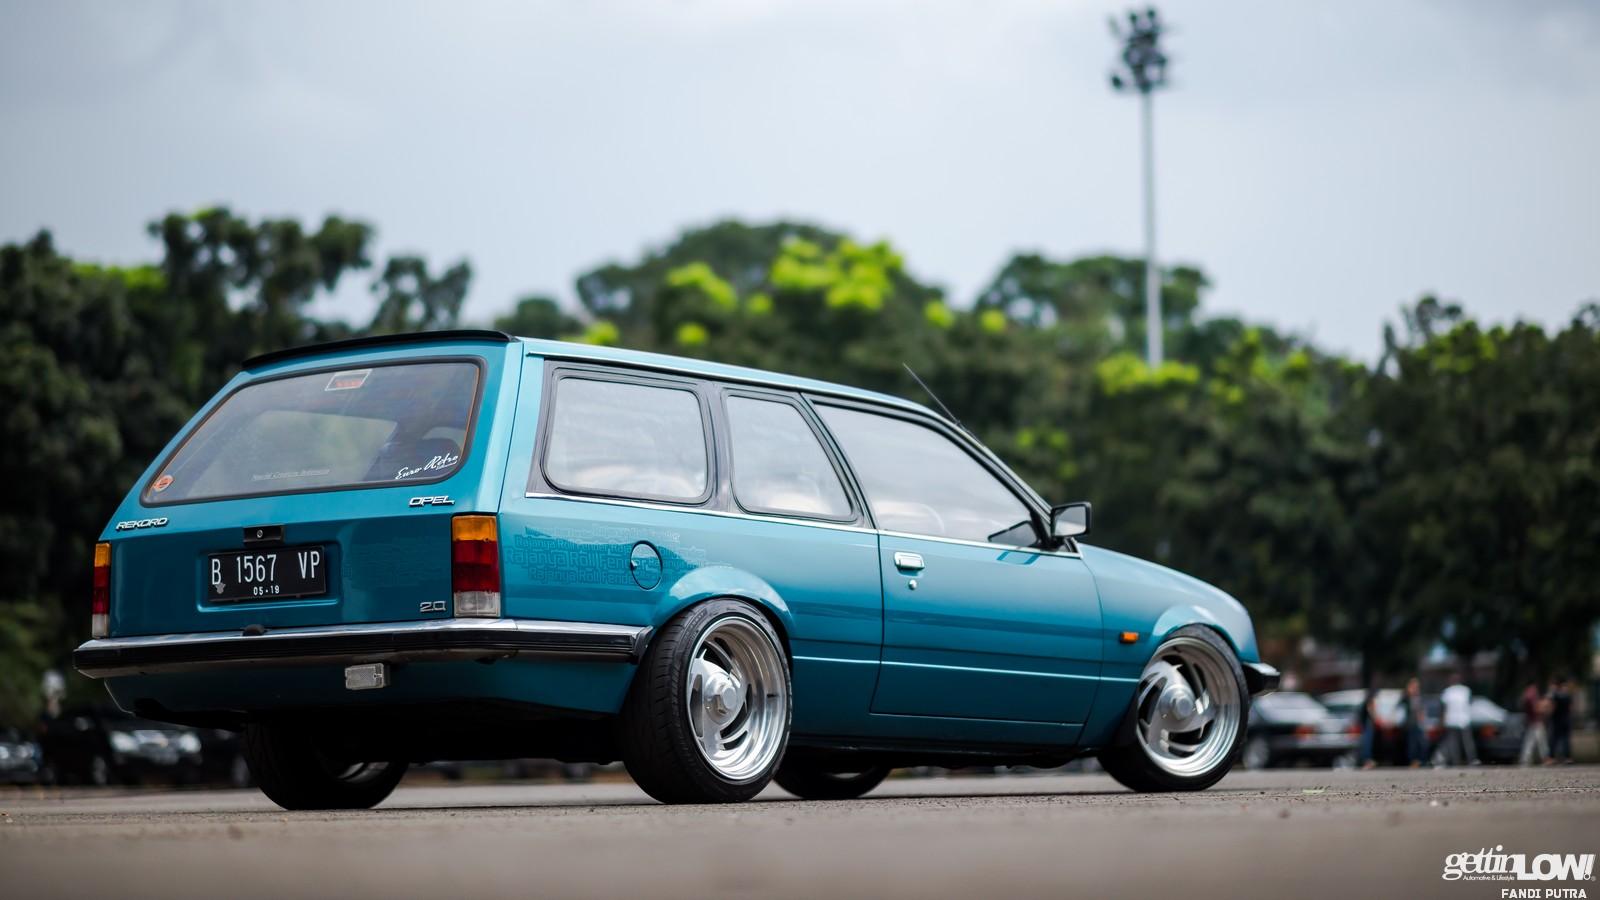 RajaRollFender Opel Rekord